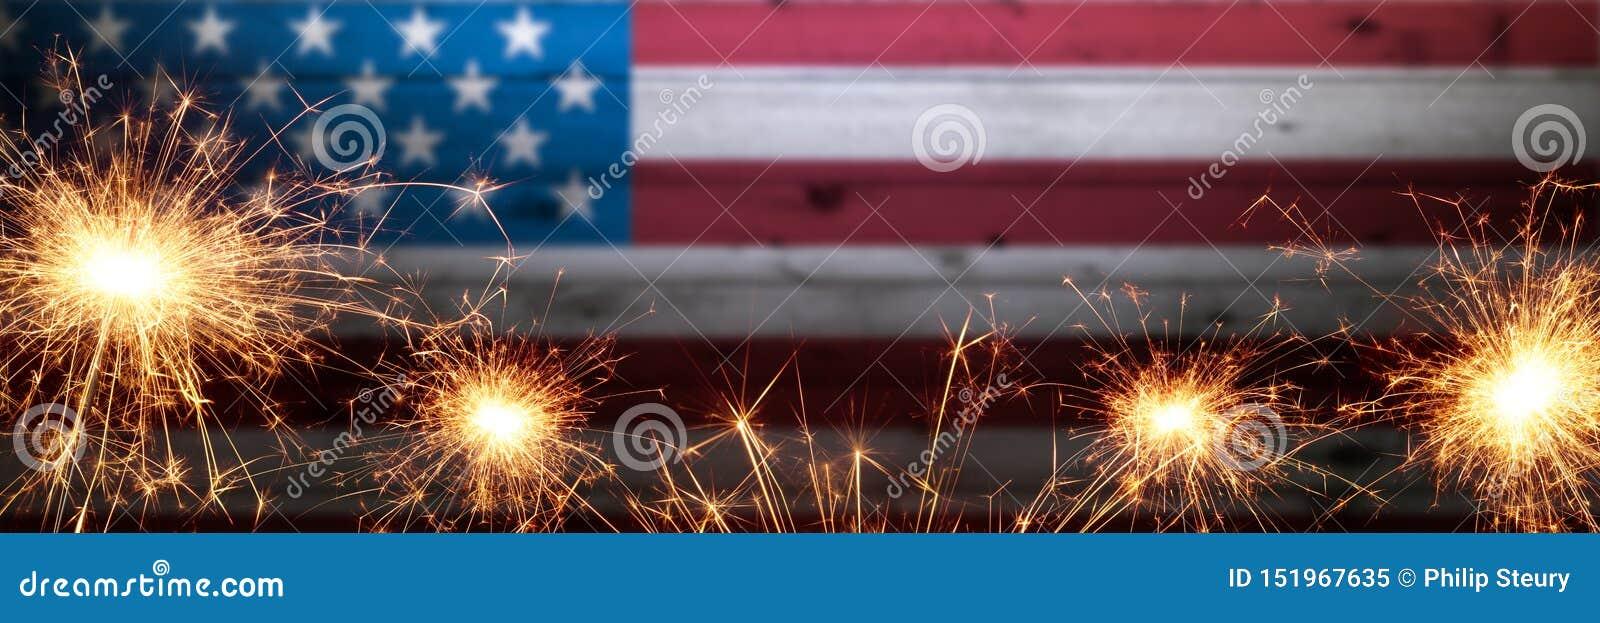 Εκλεκτής ποιότητας ξύλινη αμερικανική σημαία